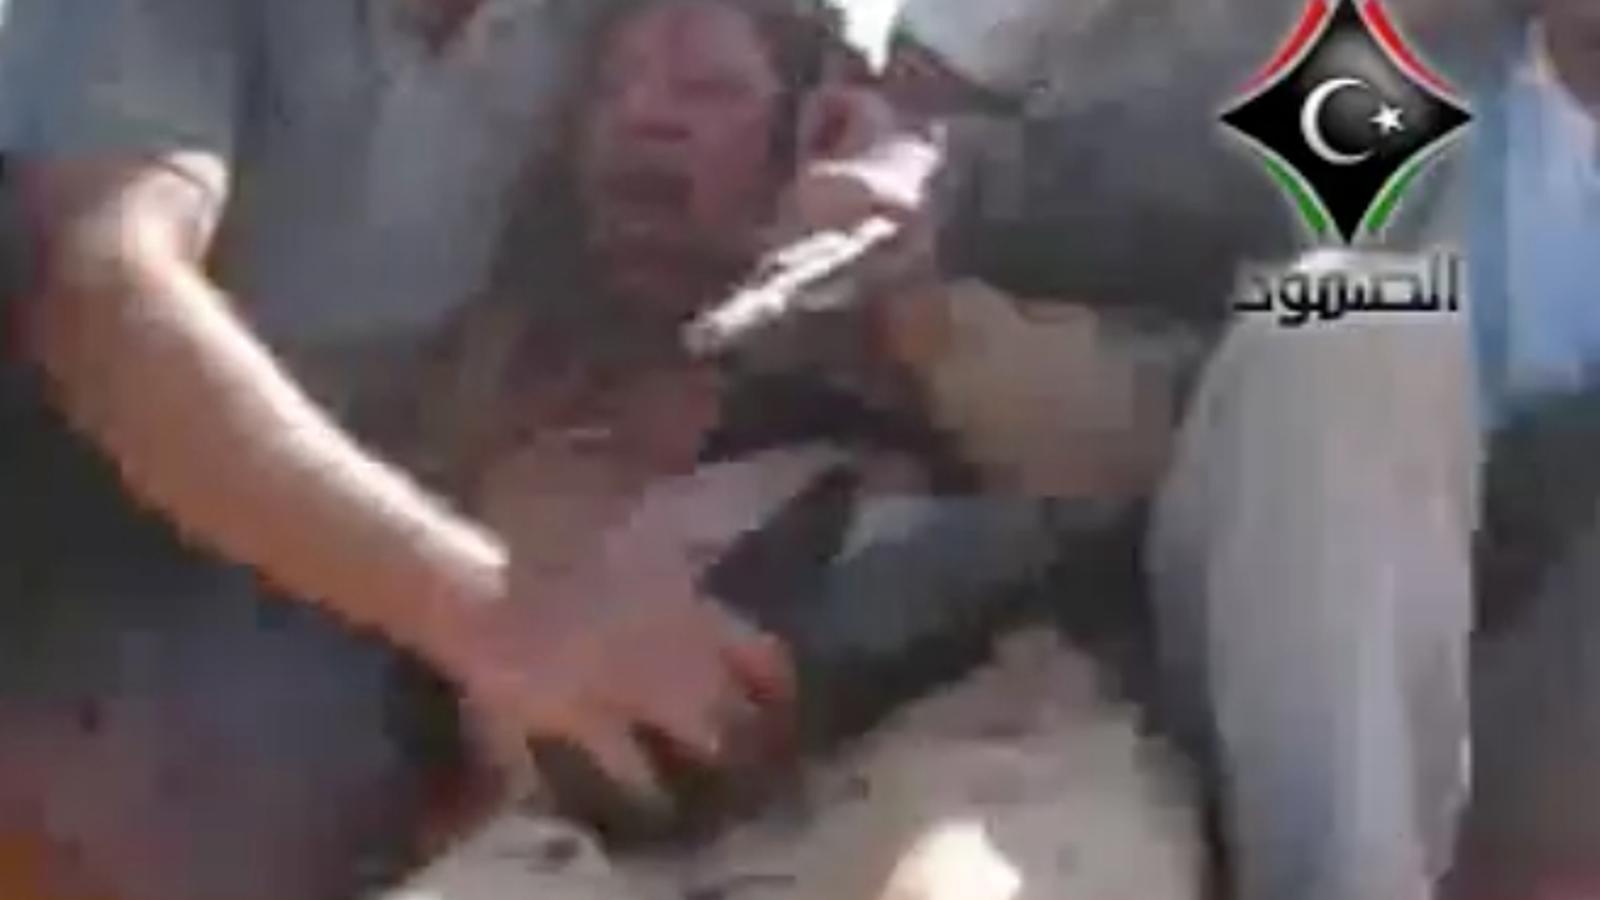 Imatges que mostren Gaddafi viu quan l'han capturat els rebels